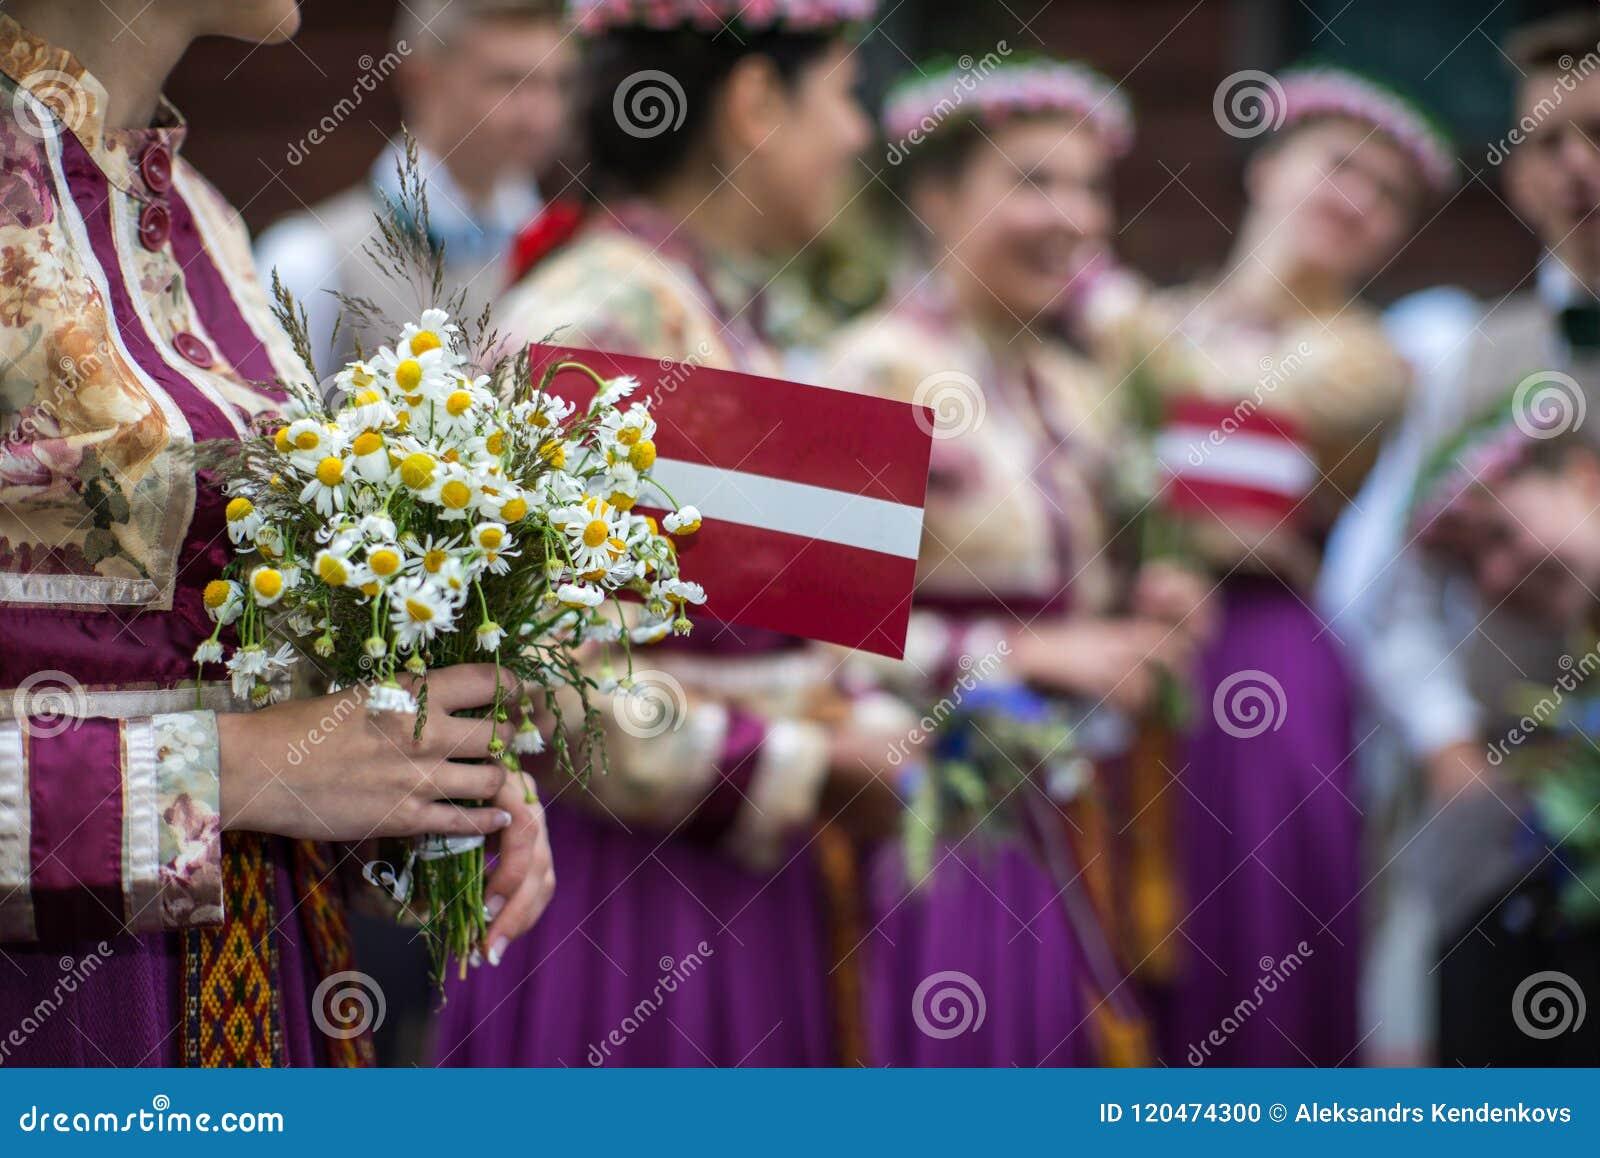 Фестиваль песни и танца в Латвии Шествие в Риге Элементы орнаментов и цветков Латвия 100 лет